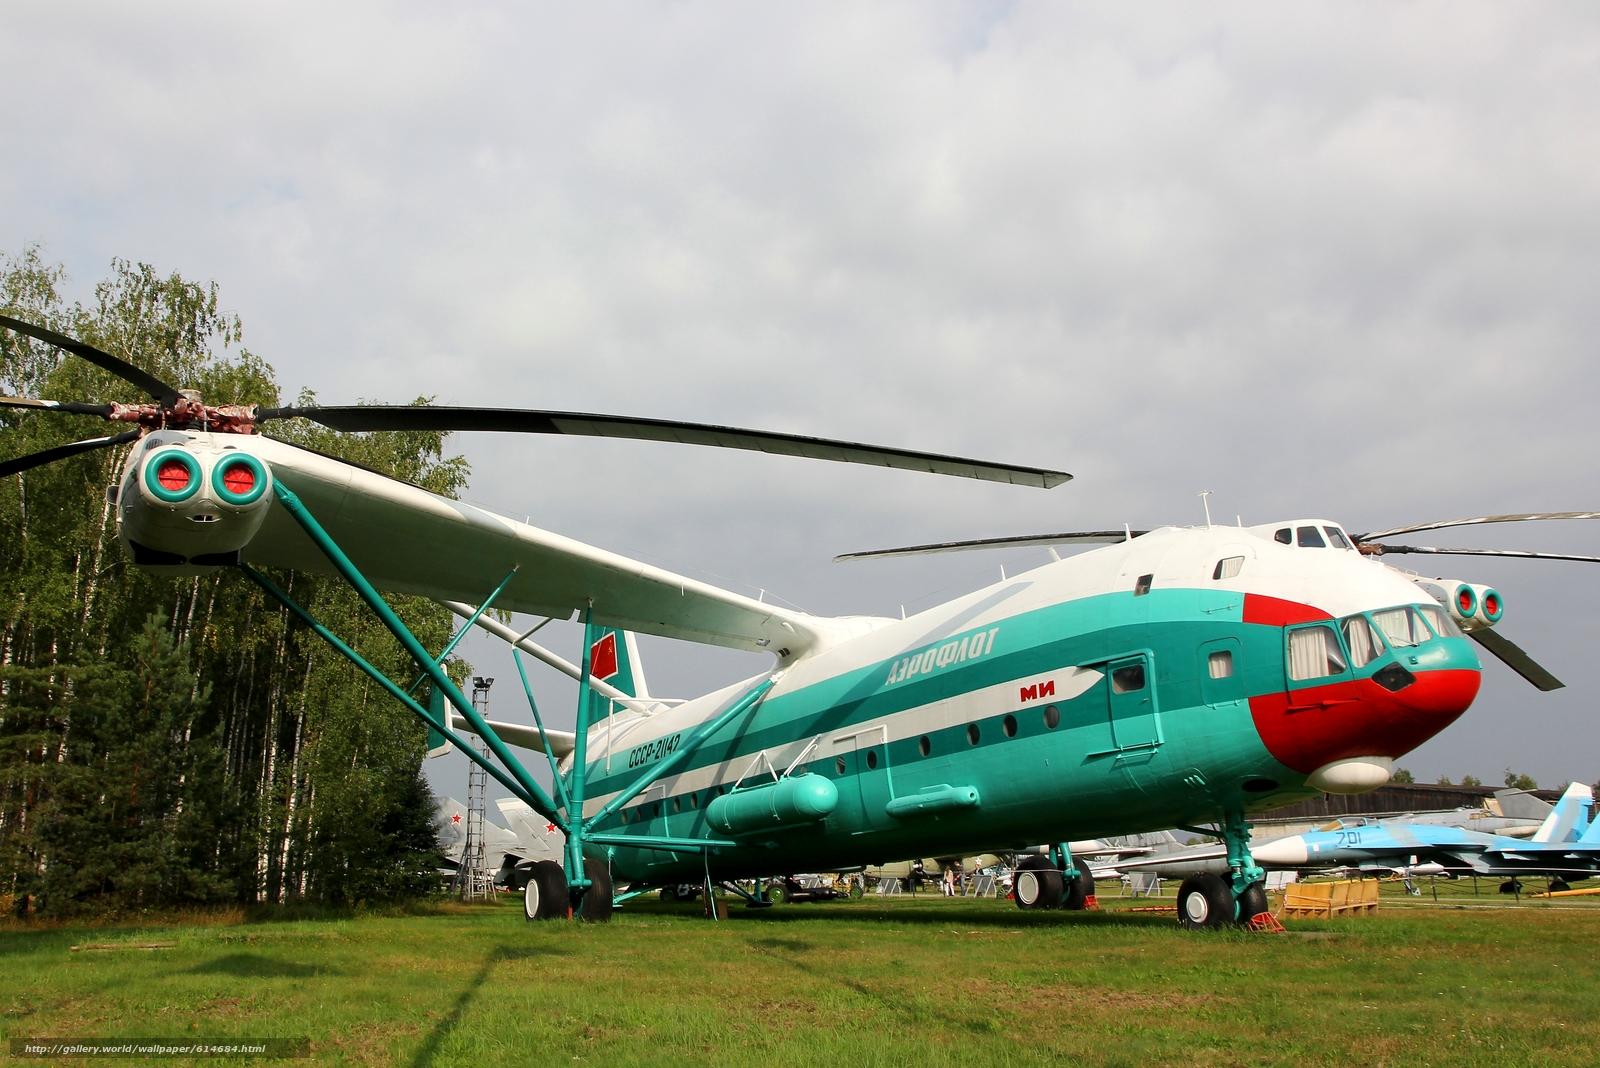 Скачать обои Ми-12,  вертолёт,  Миль,  СССР бесплатно для рабочего стола в разрешении 4476x2989 — картинка №614684